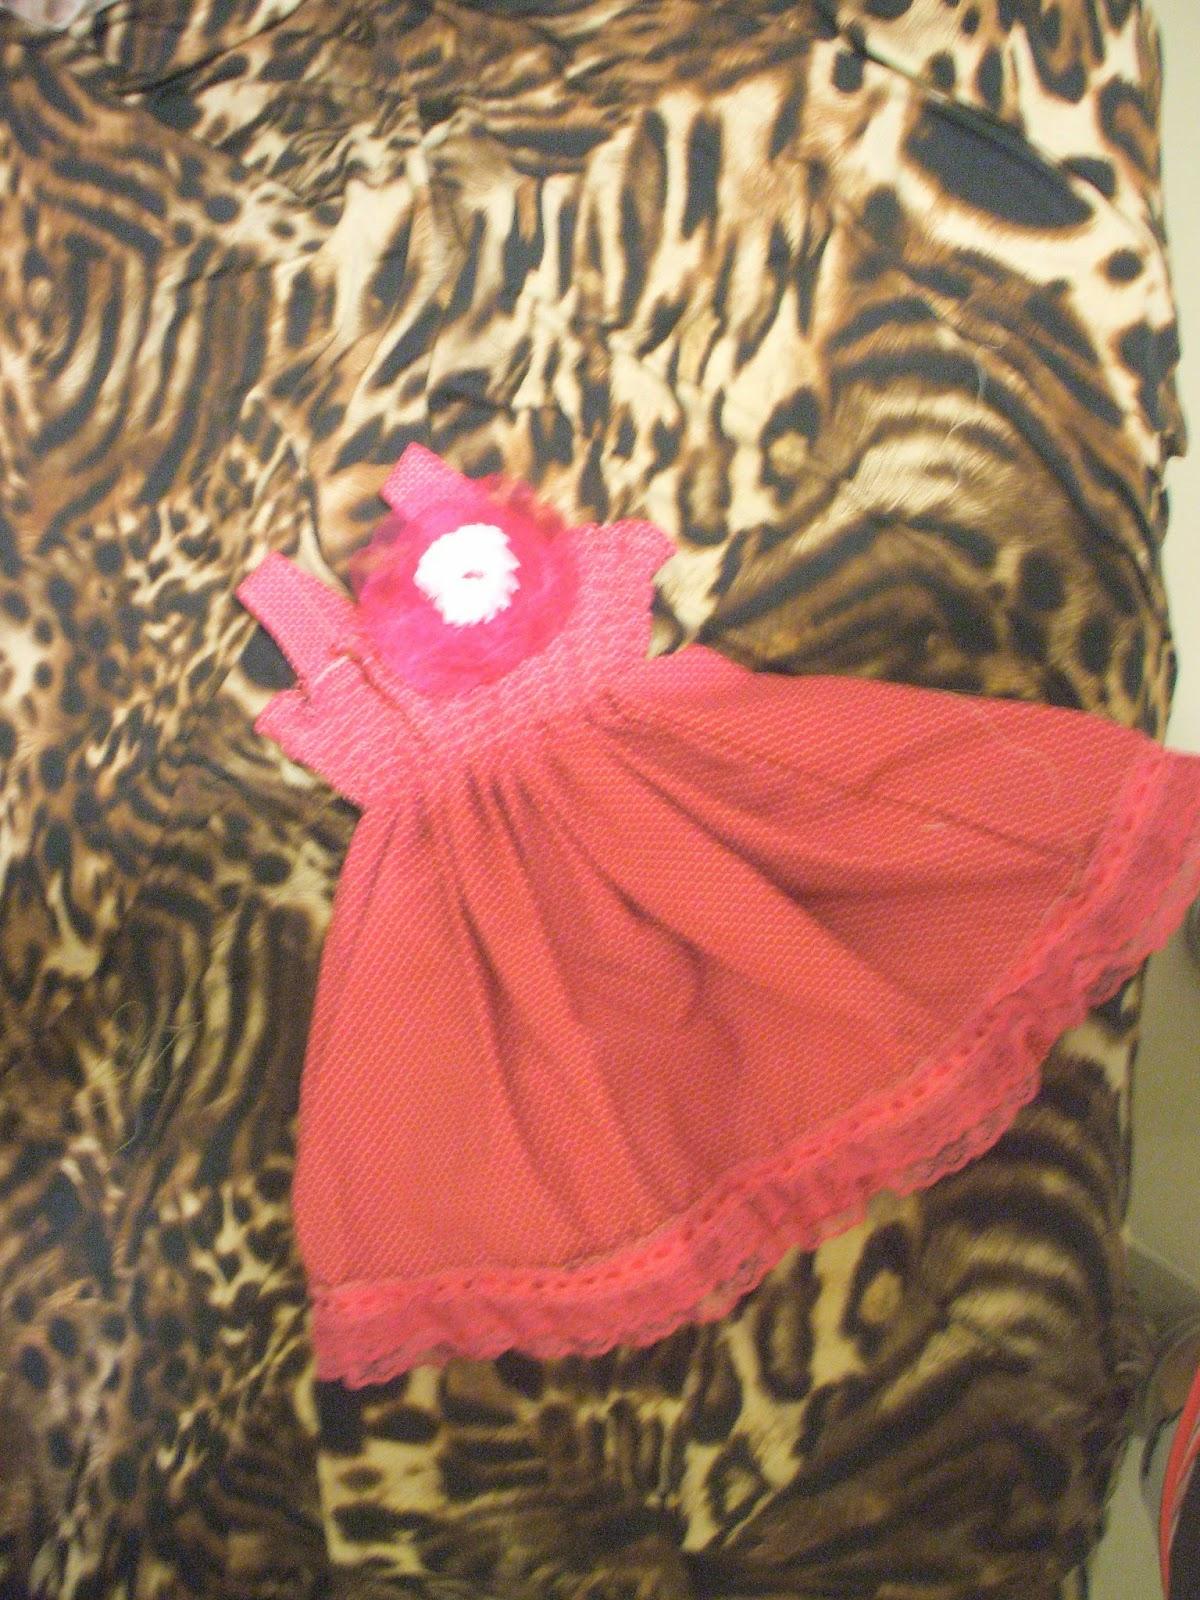 DSCF3232 - שמלה בשעה